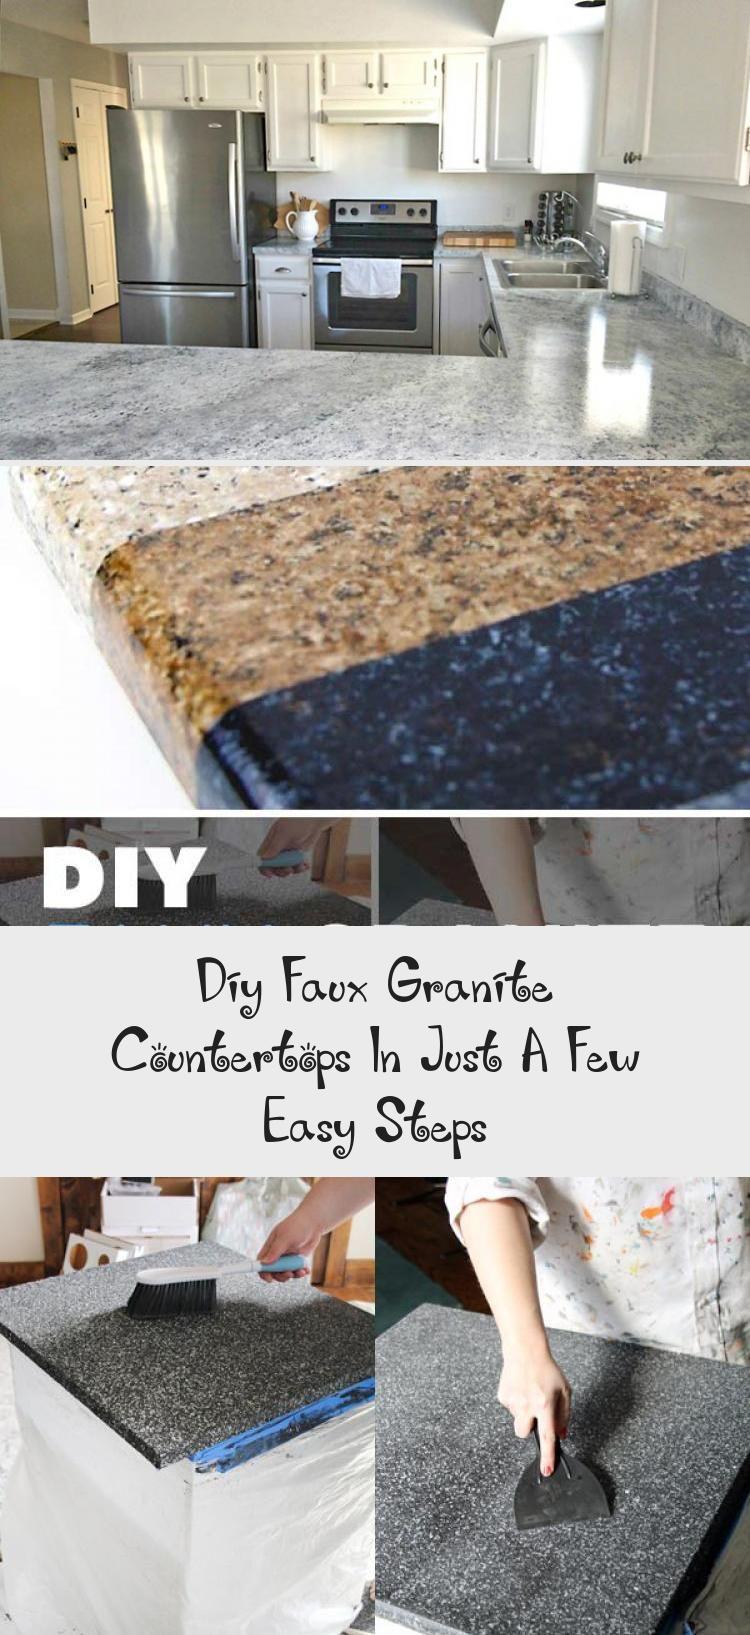 Diy Faux Granite Countertops In Just A Few Easy Steps In 2020 Faux Granite Faux Granite Countertops Fake Granite Countertops